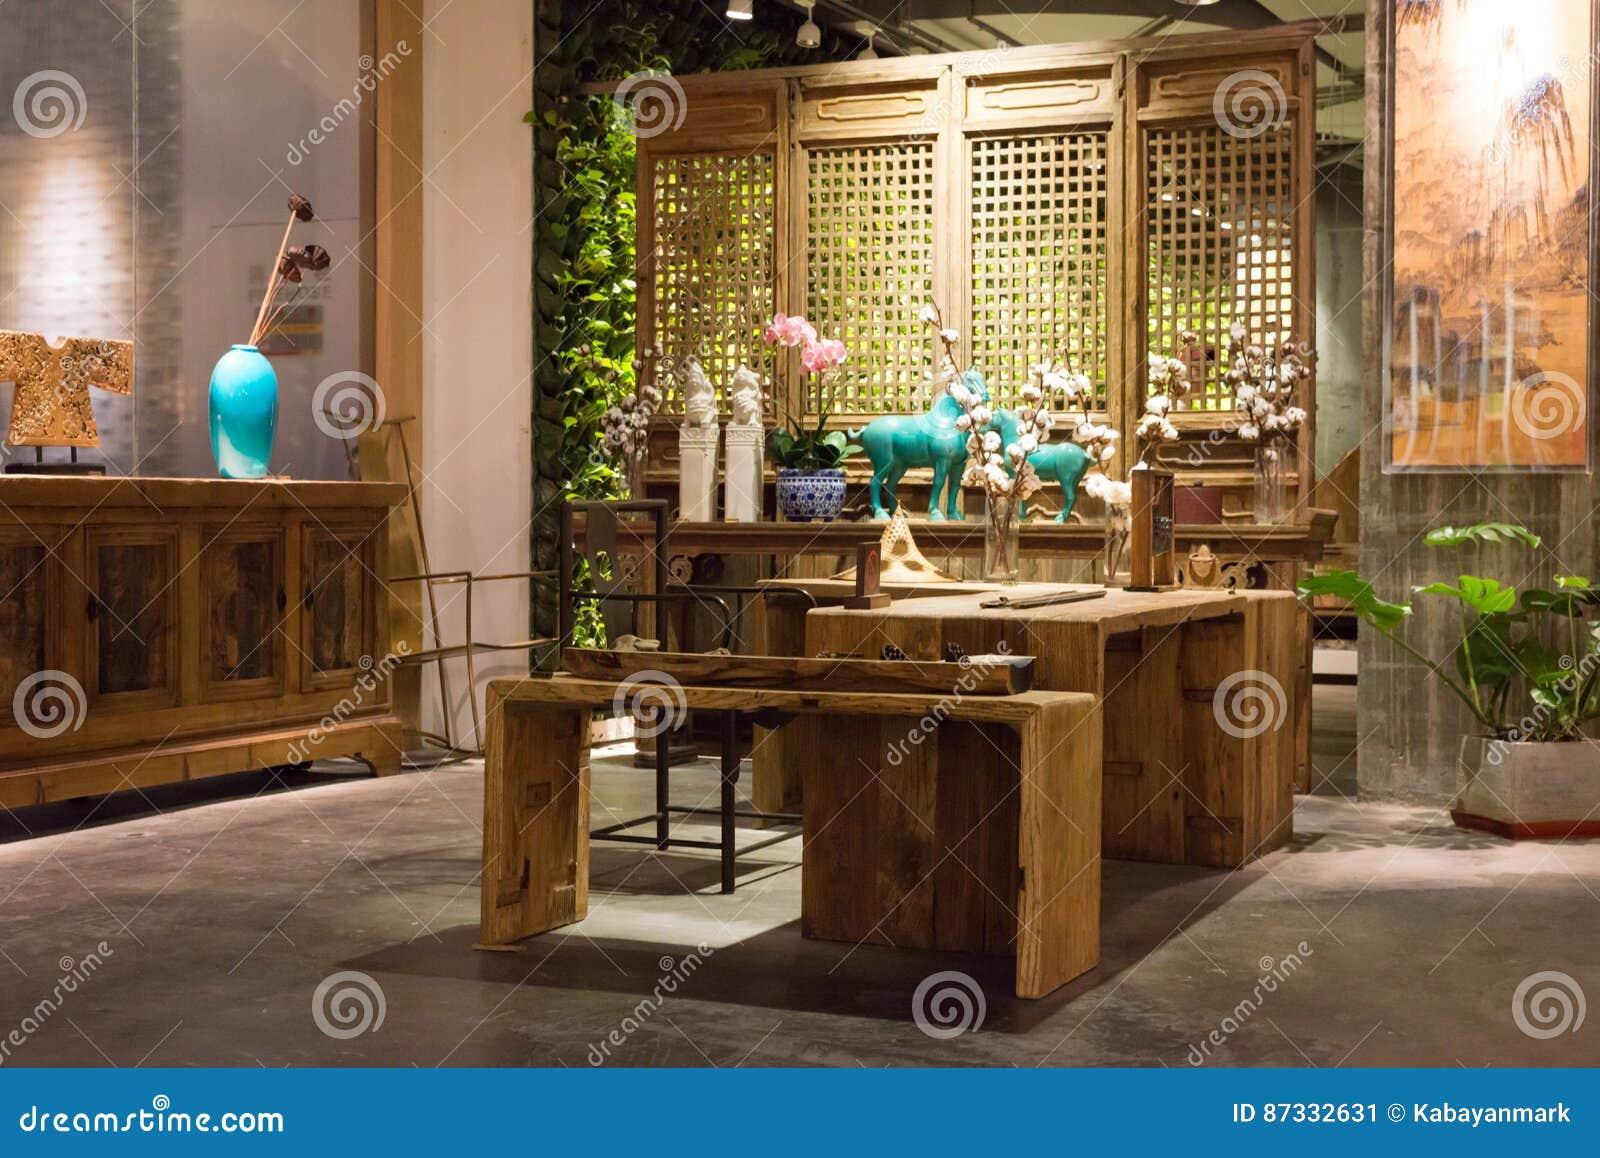 Innenraumfenster  Modernes Design - Innenraum, Fenster Beleuchtete Holzmöbel, Show ...